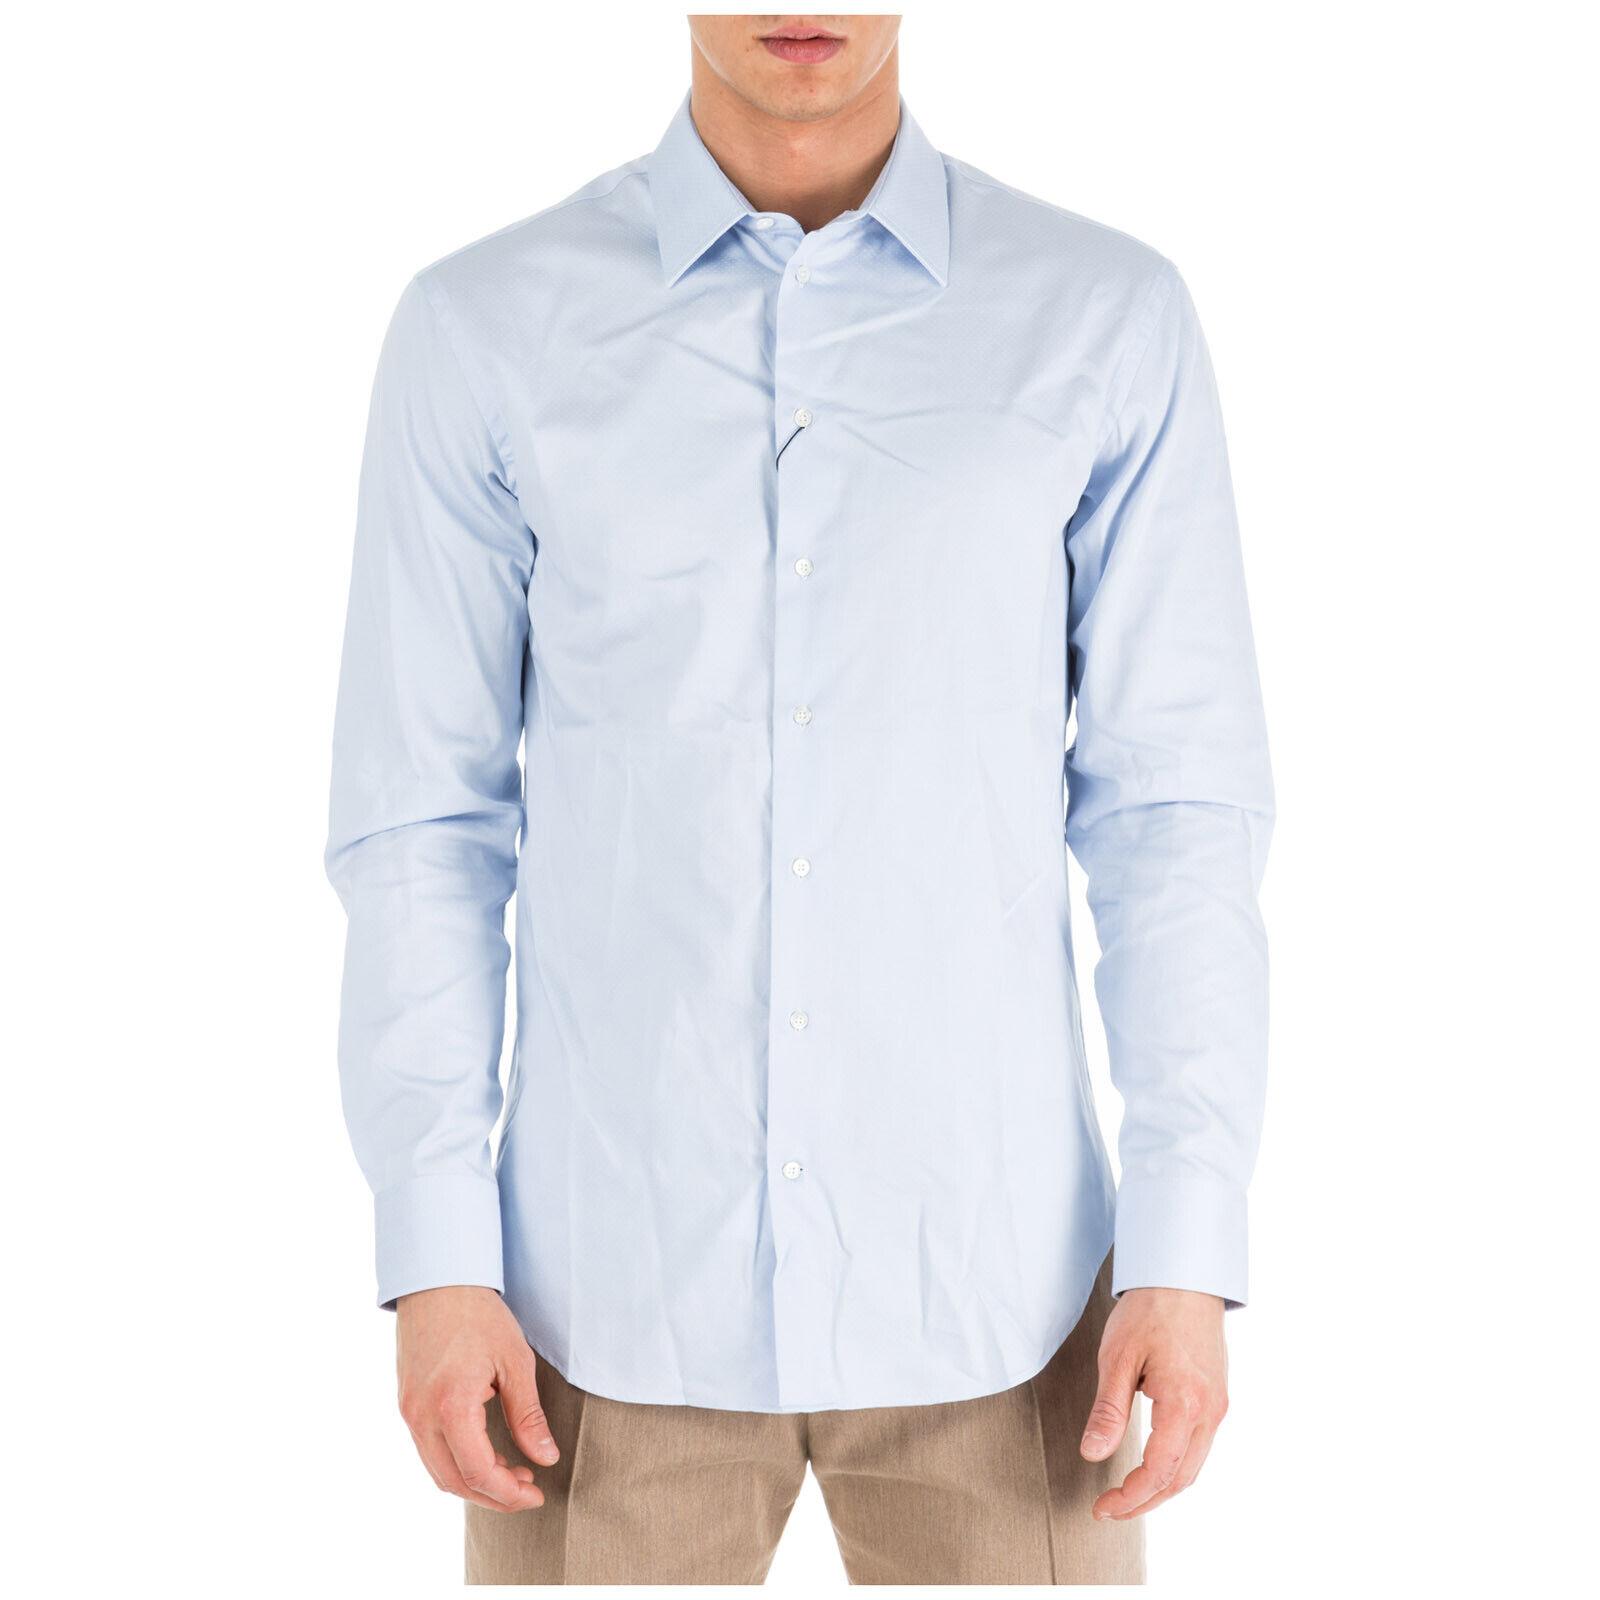 EMPORIO ARMANI MEN'S LONG SLEEVE SHIRT DRESS SHIRT NEW MODERN FIT LIGHT blueE 91E